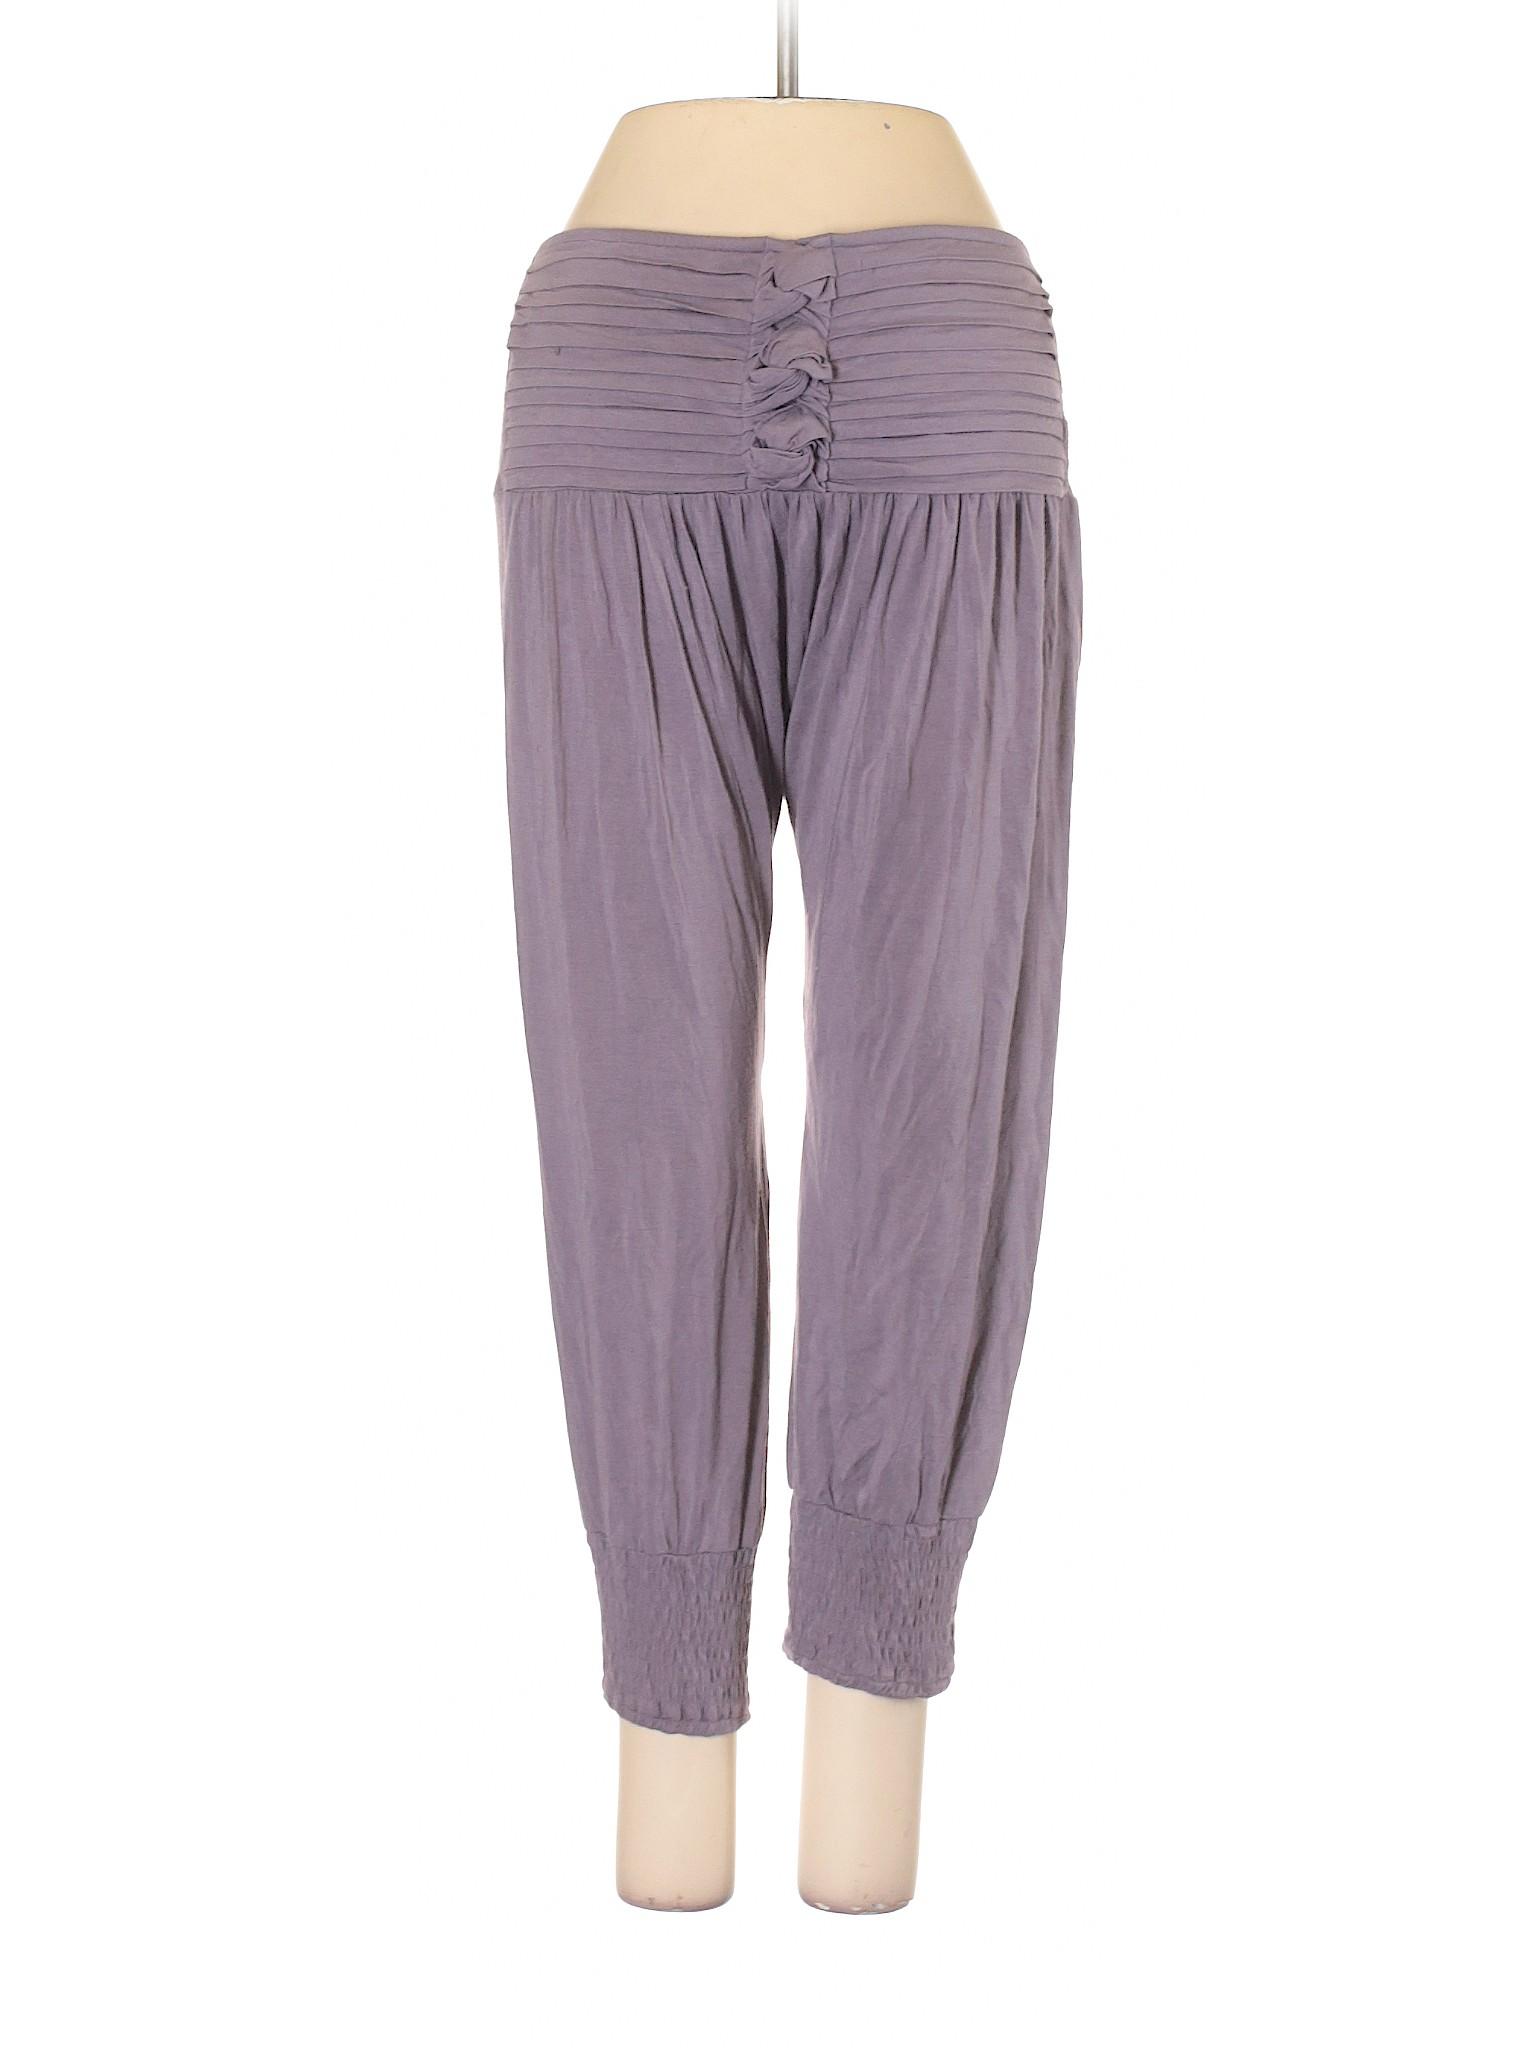 Wear Casual leisure Divine Boutique Pants HzYnEqTW